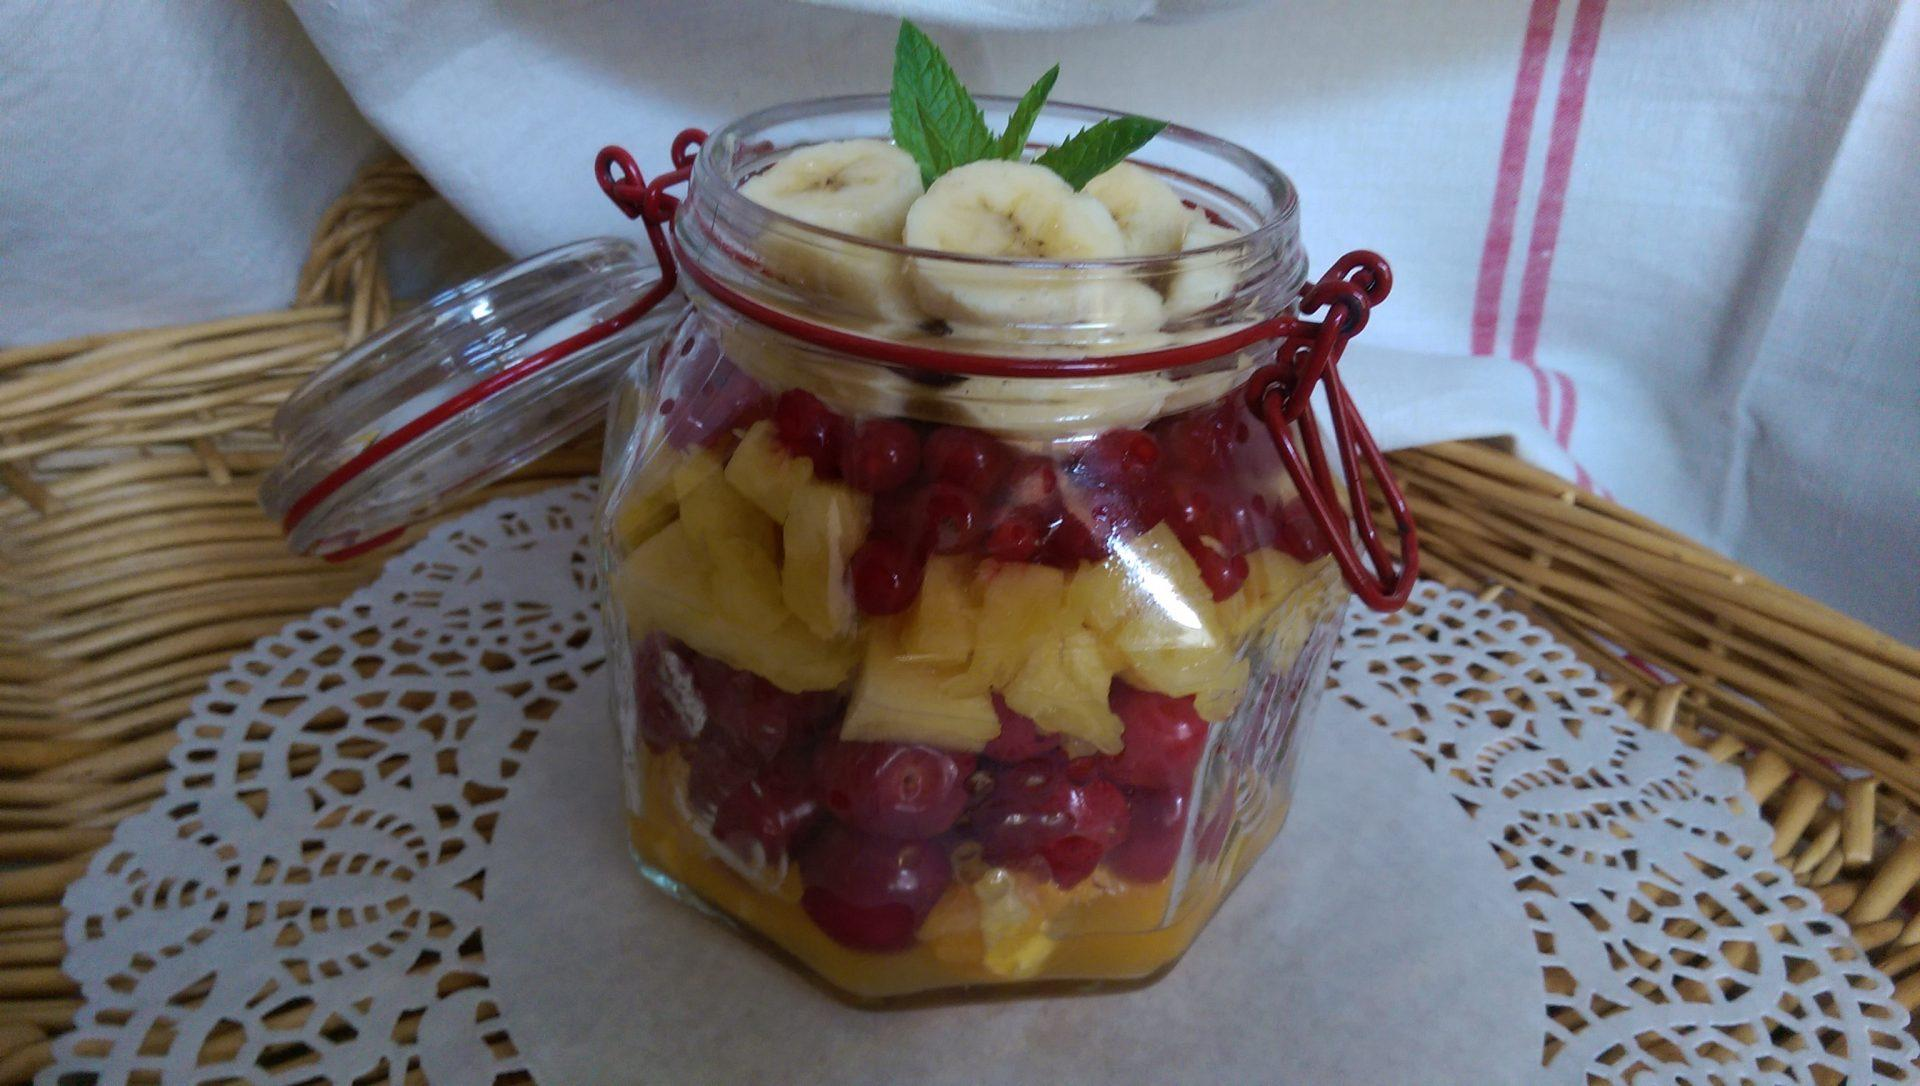 Recette N°87 - Salade de fruits version 2017 - Crédit photo izart.fr